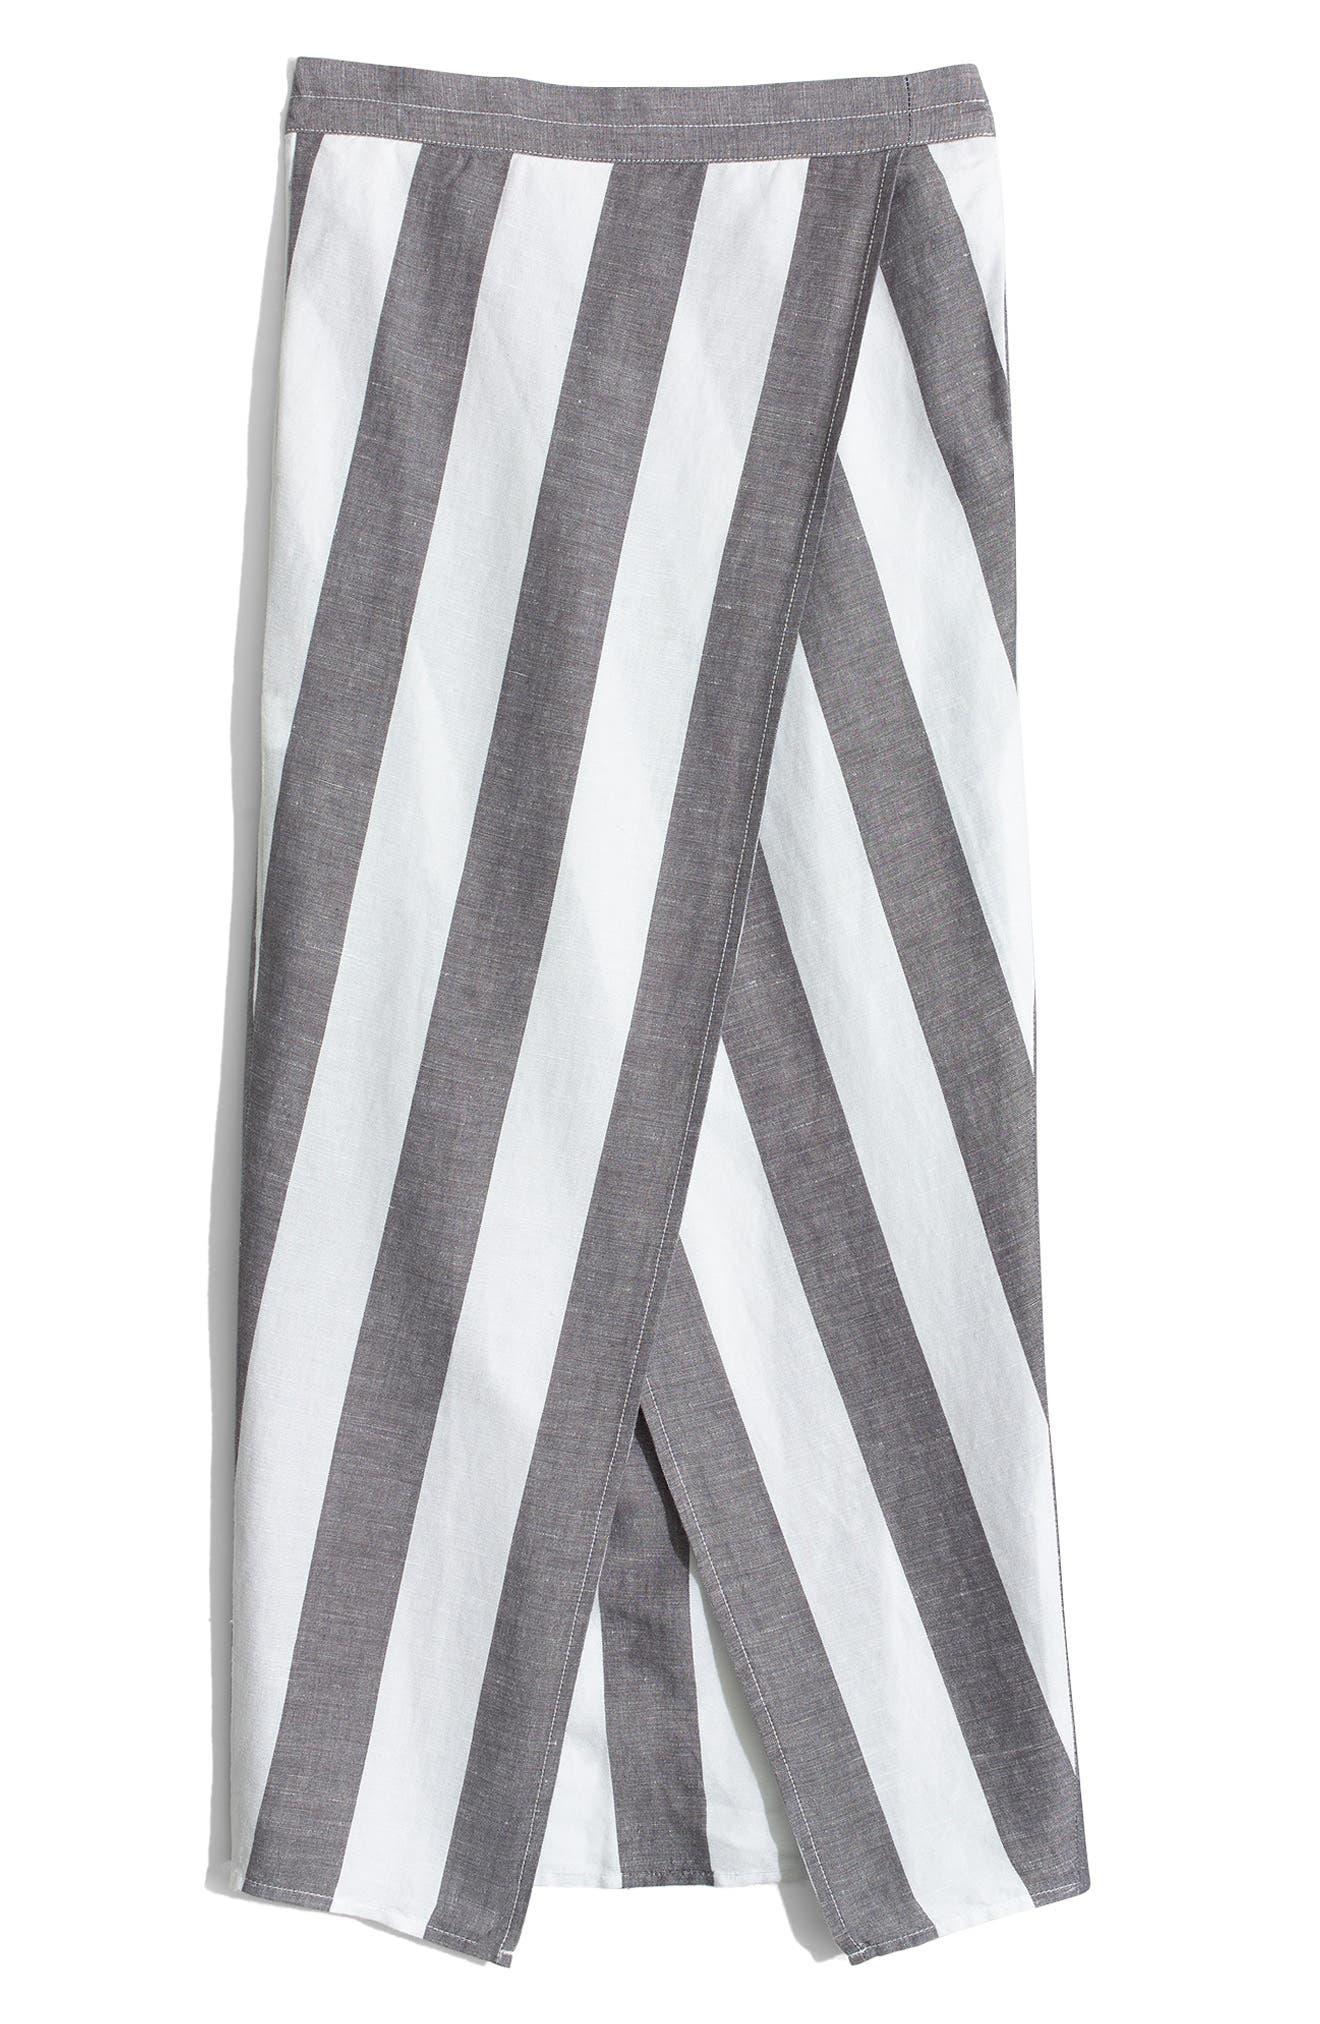 Stripe Overlay Skirt,                             Alternate thumbnail 4, color,                             020